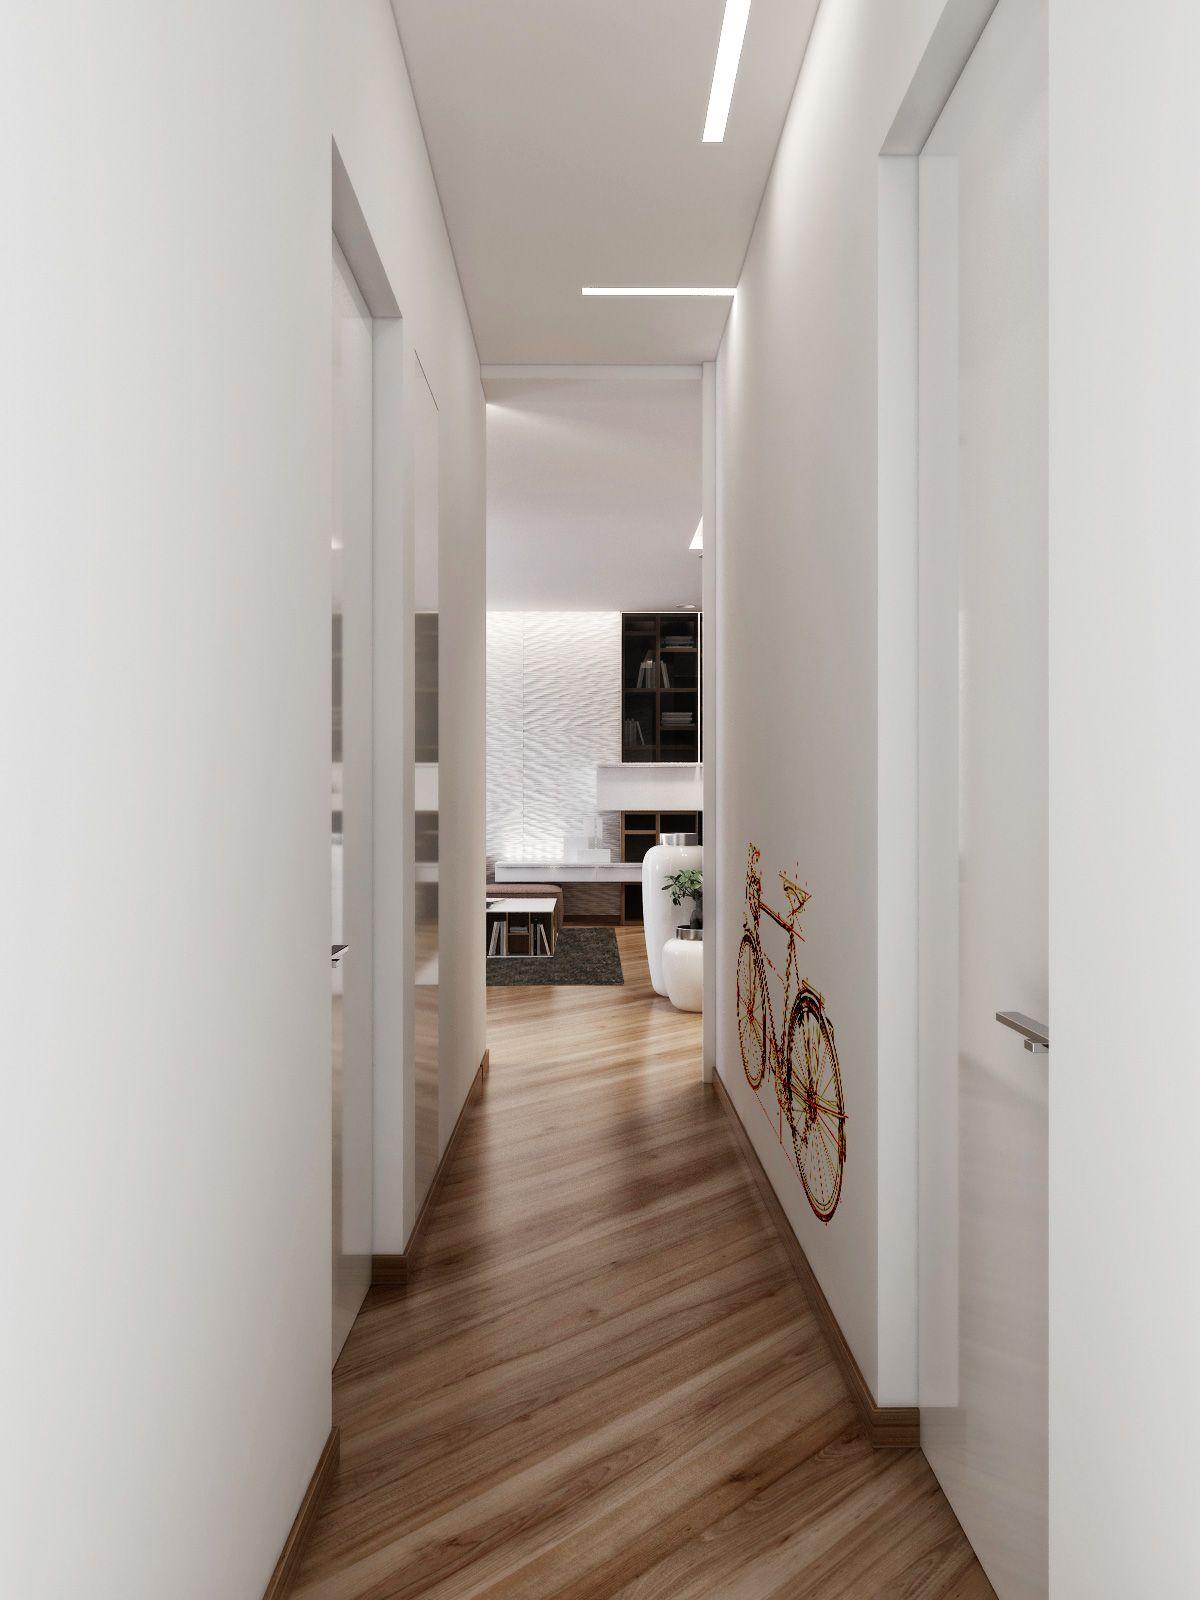 znalezione obrazy dla zapytania small corridor design